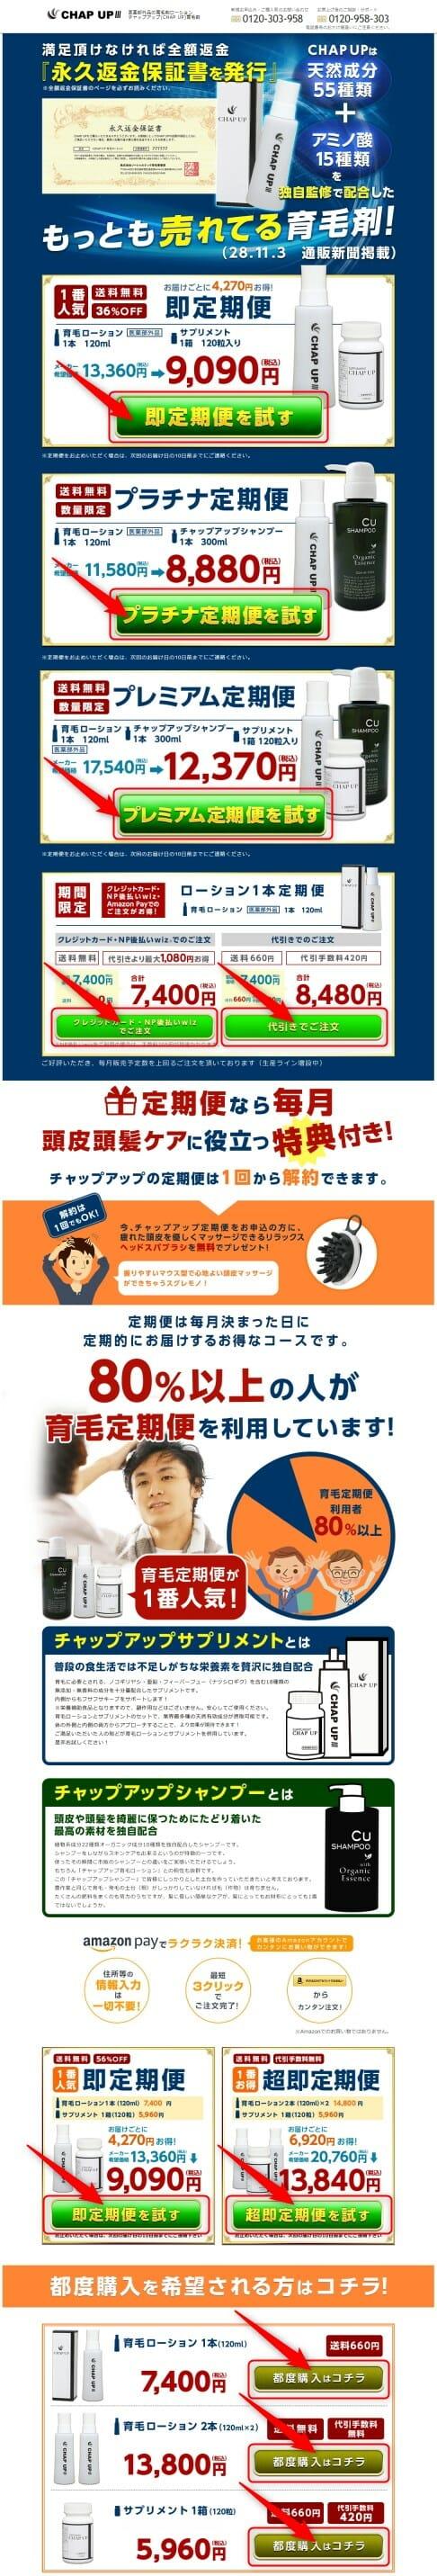 チャップアップ購入方法解説01